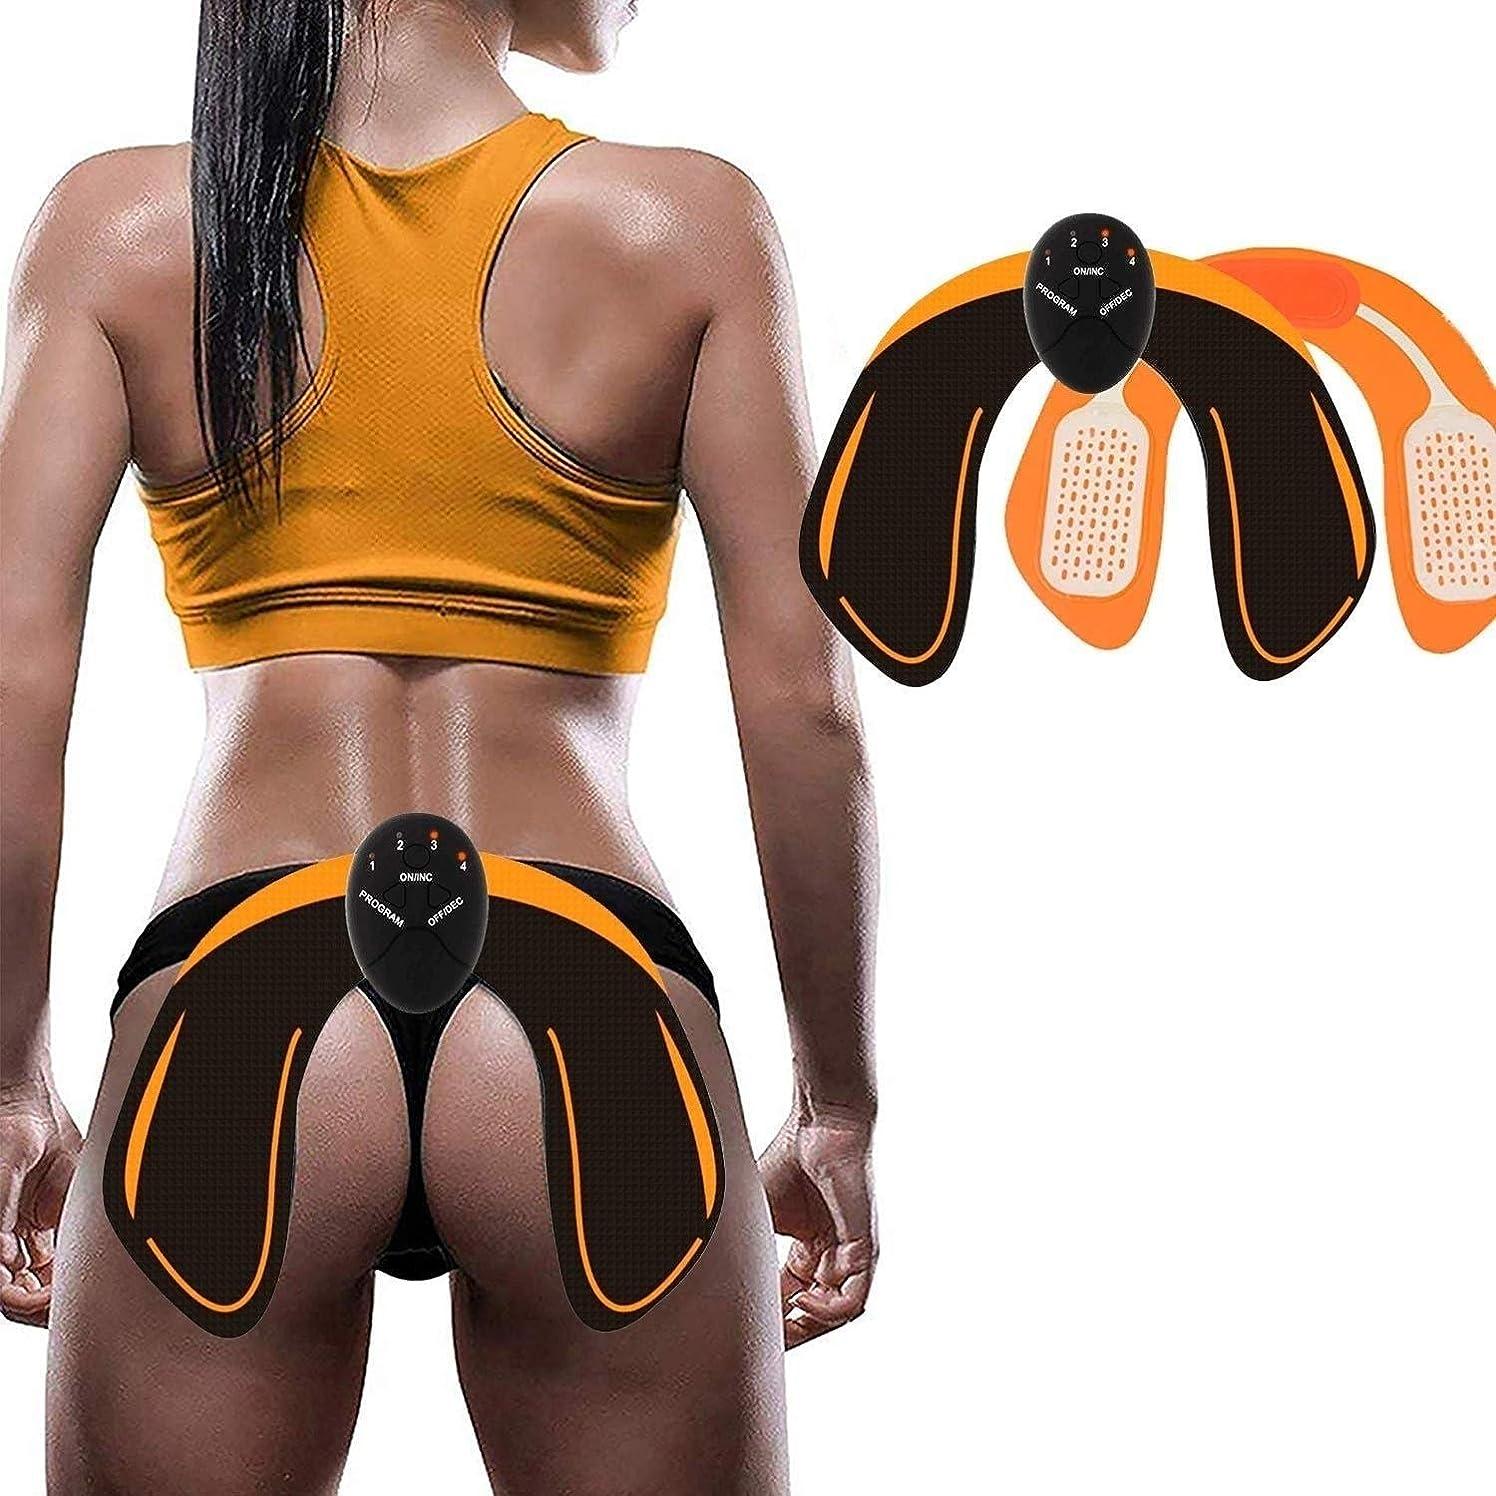 秘密の欺昆虫EMSヒップトレーナーとバットトナーは、男性女性のためのスマートバトリフターリフターバトシェイパーパッドトレーニングコントロールスマートトナートレーニングギアを持ち上げるのに役立ちます